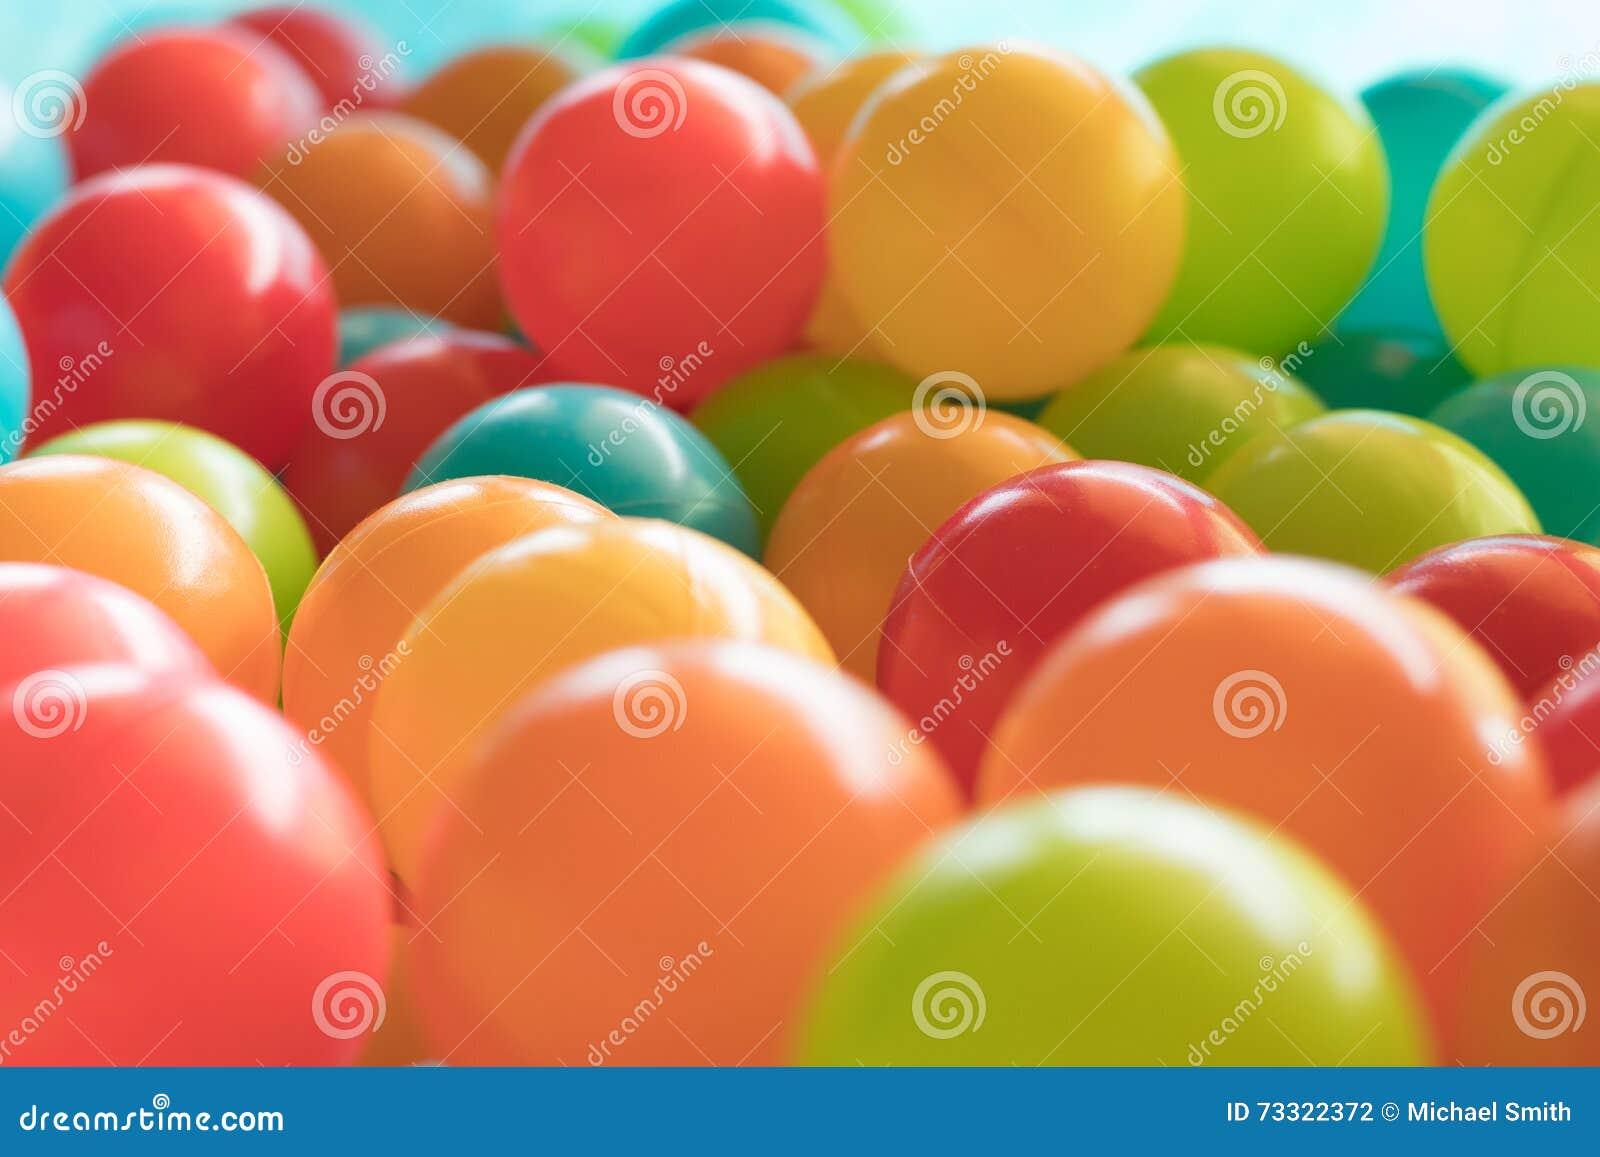 Bolas plásticas brilhantes e coloridas do brinquedo, poço da bola, fim acima